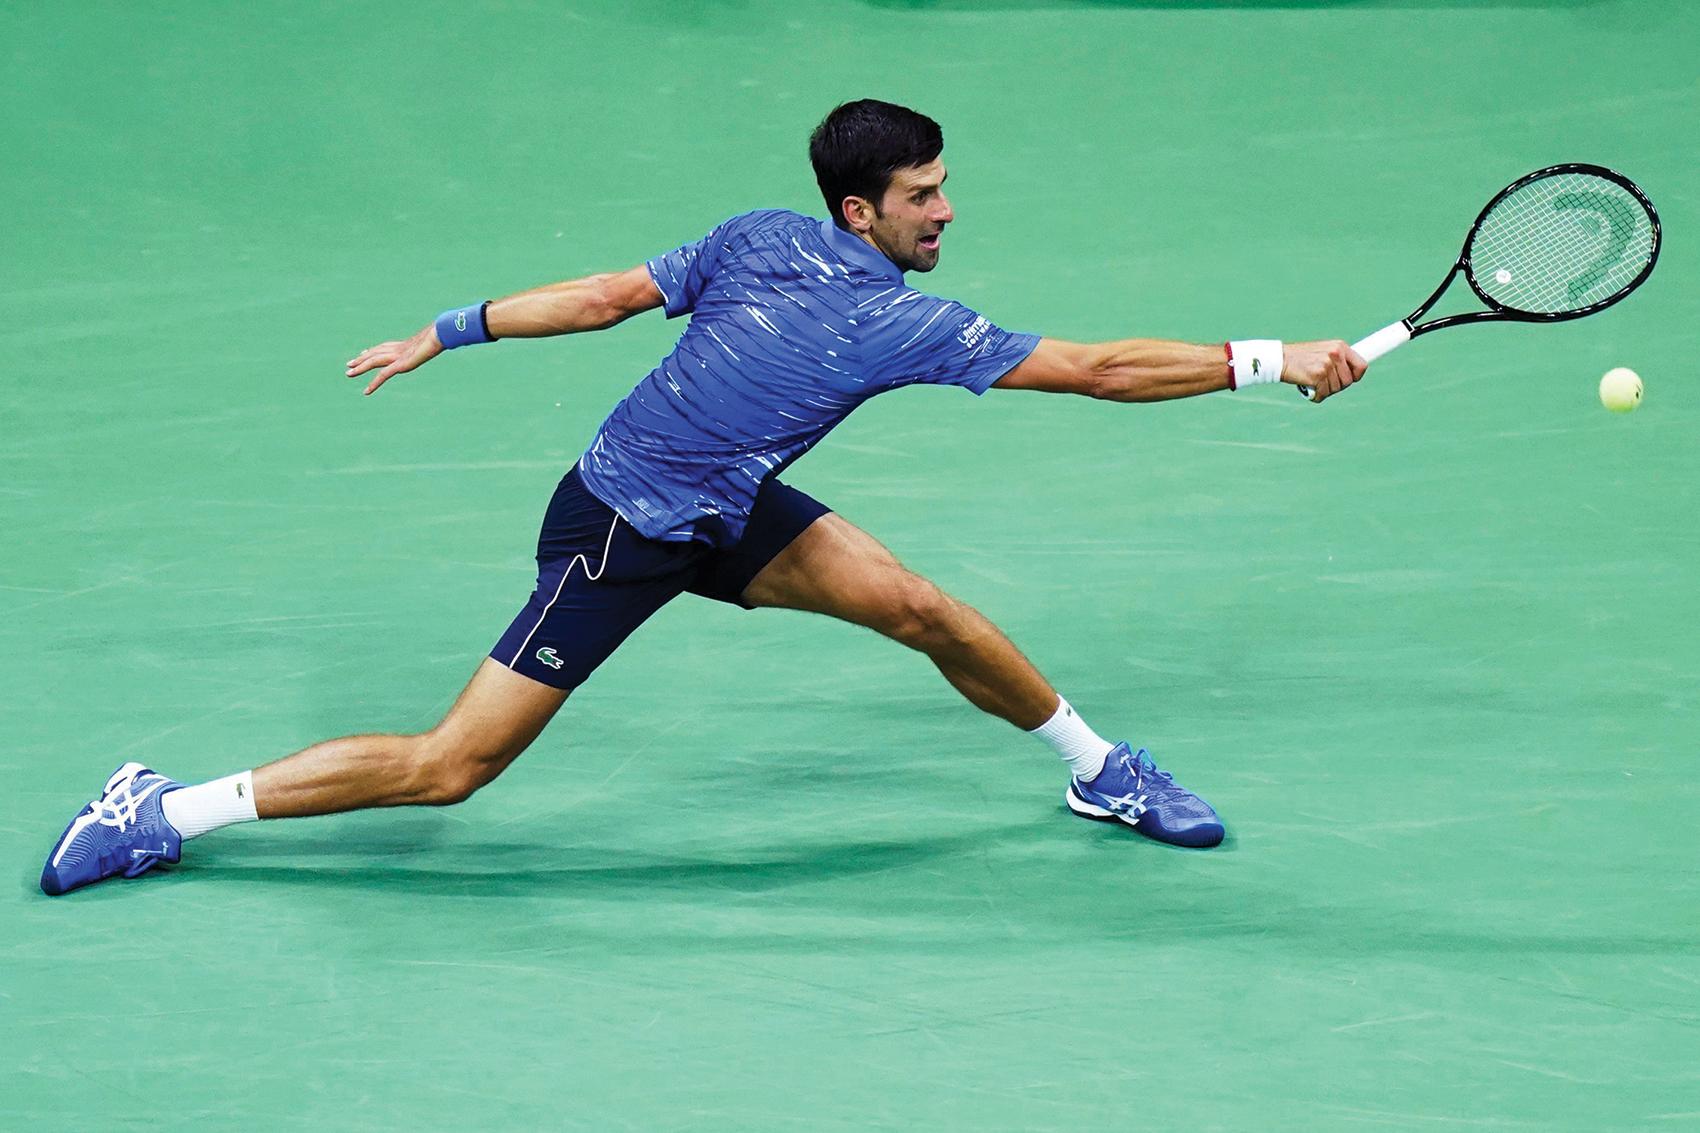 Novak Djokovic tennis ball